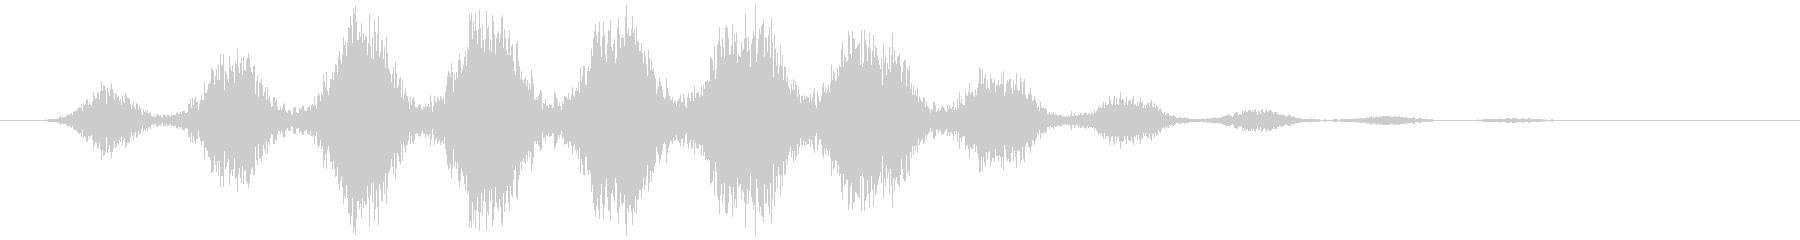 ワープ 短い(シュワシュワ…+サーッ)の未再生の波形